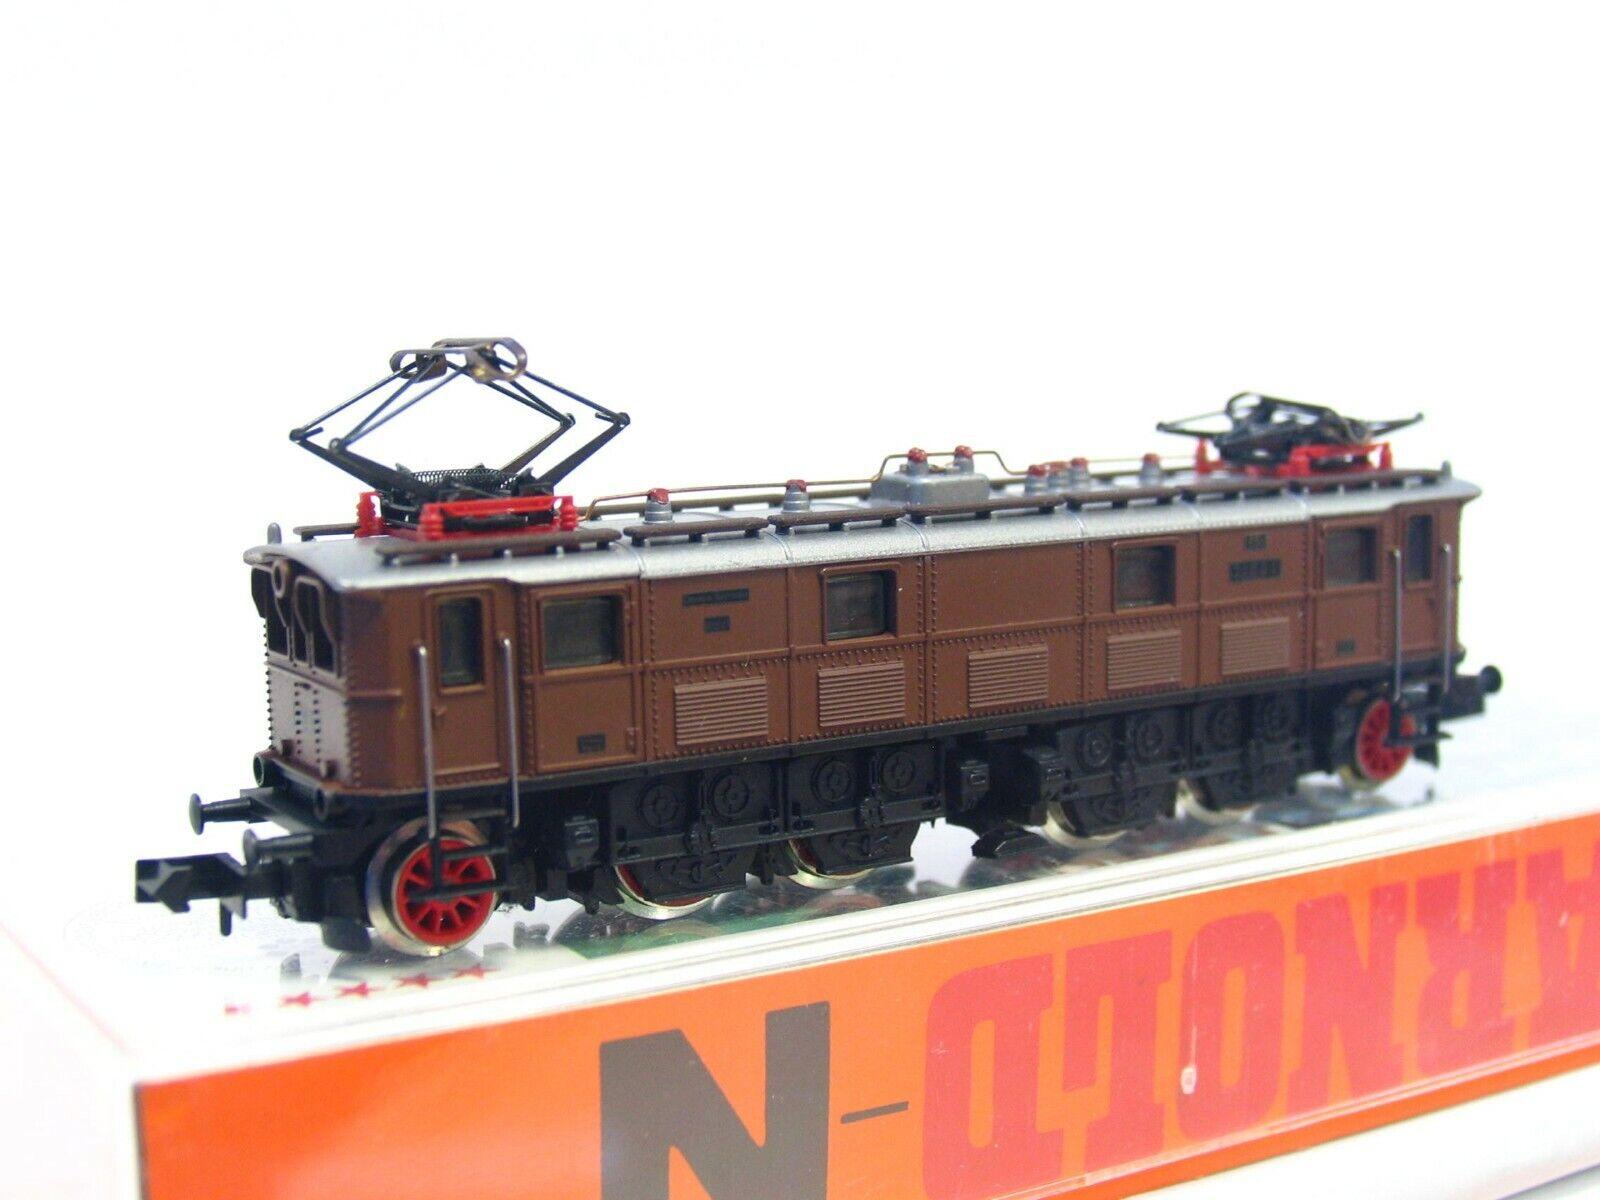 Arnold N 2457 E-Locomotive BR ES1 21001 DRG Boxed (RB7772)